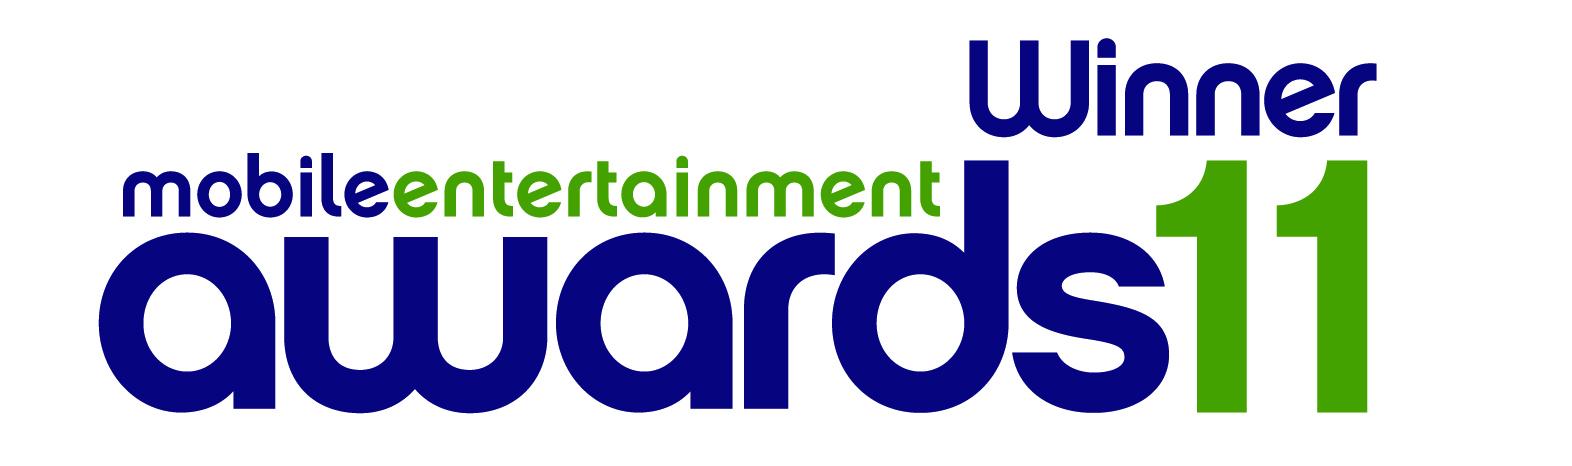 ME awards 2011 winner logo